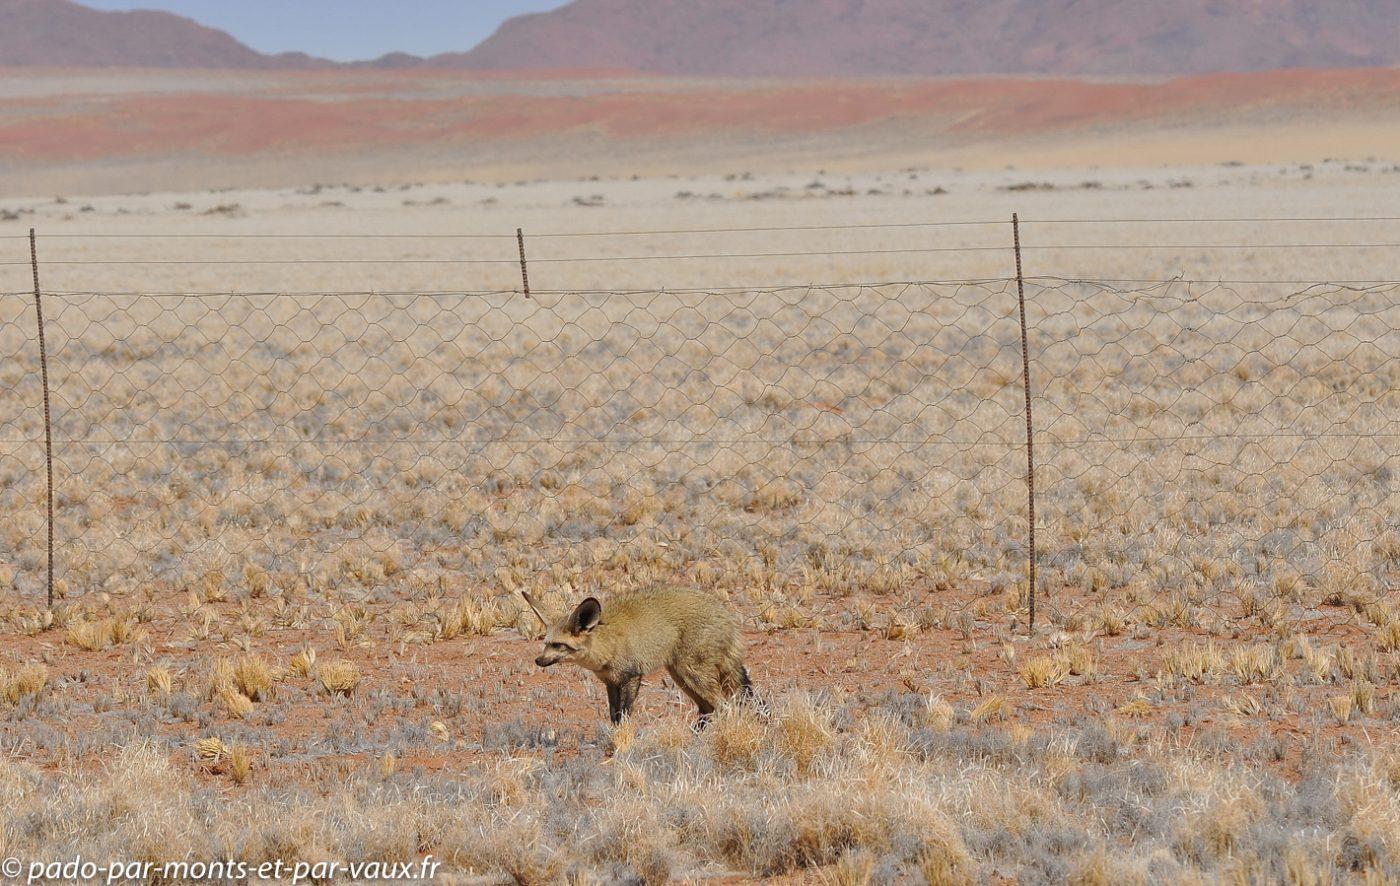 Namibie 2013 - D707 vers la Namib Rand reserve - Otocyon